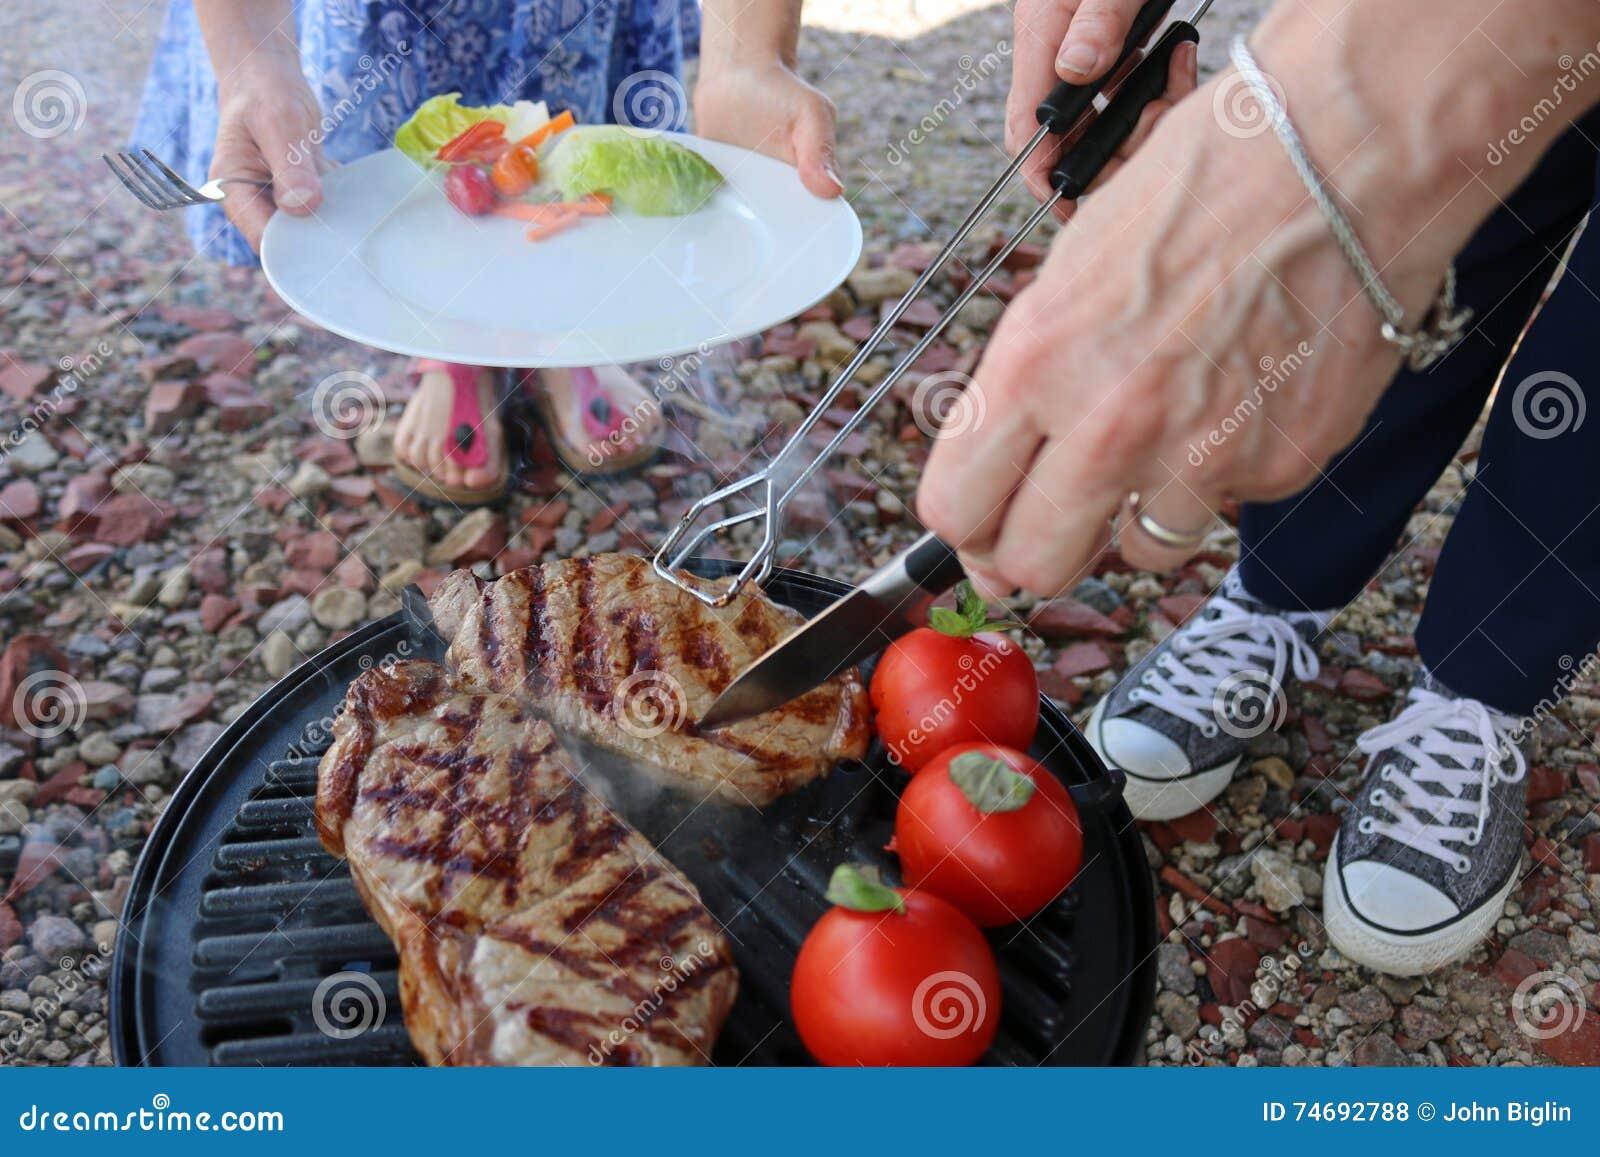 Bbq-Steak, das gedient wird